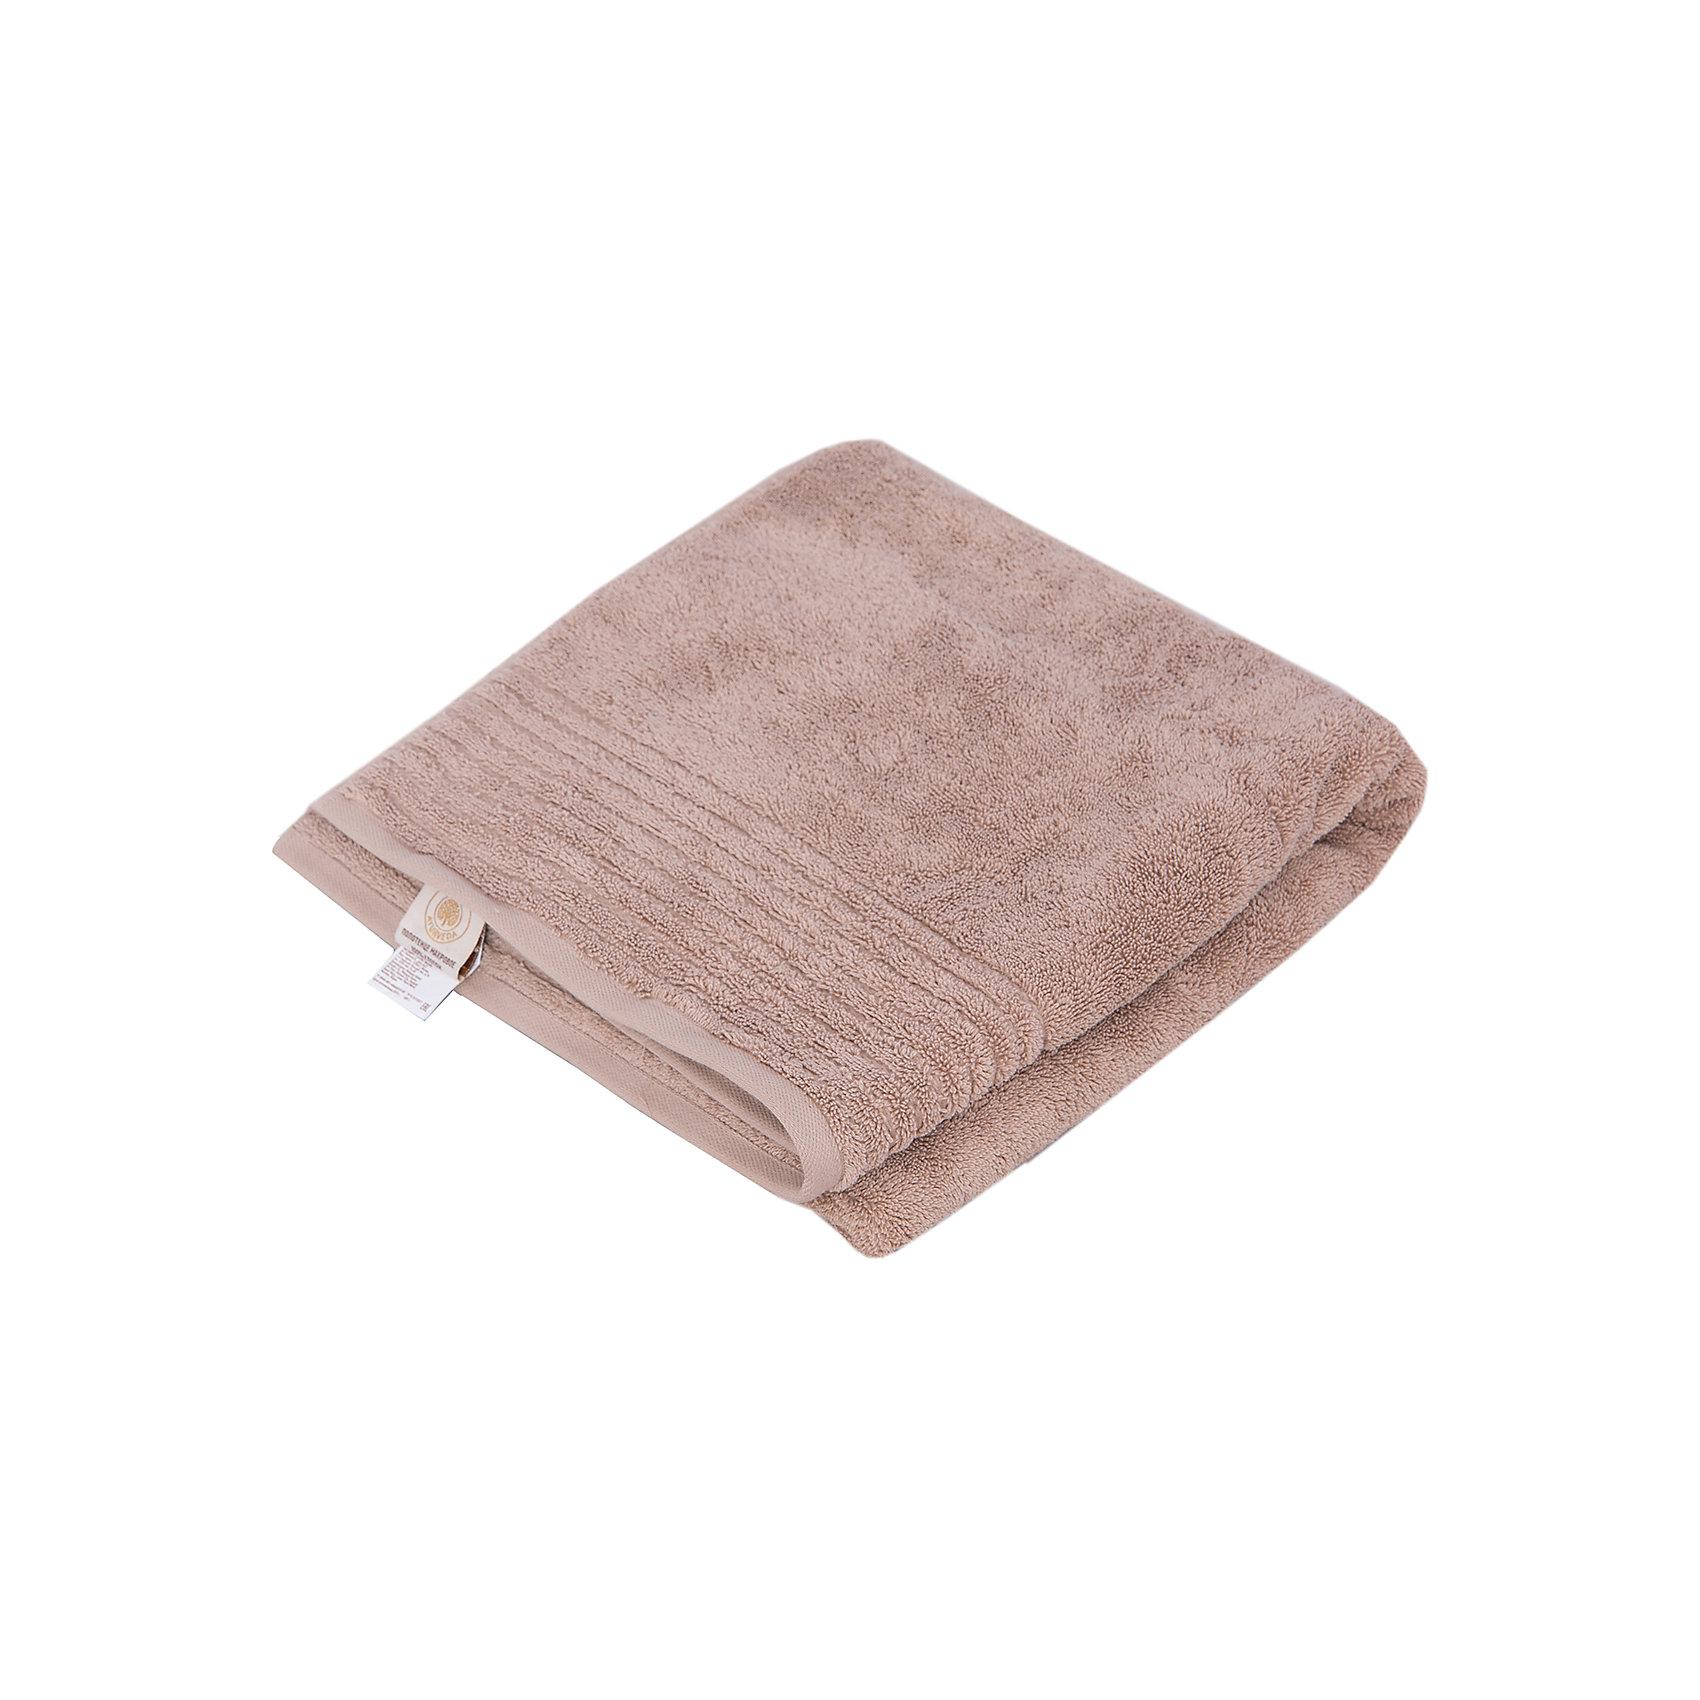 Полотенце махровое 70*140, Luxury Ayurveda, latteВанная комната<br>Махровое полотенце Luxury Ayurveda изготовлено из качественного натурального хлопка. Приятный дизайн полотенца отлично подойдет для вашей ванной комнаты.<br><br>Особенности:<br>-отлично впитывает влагу<br>-высокая гигроскопичность<br>-остается мягким на протяжении длительного времени<br>-объем увеличивается после стирки<br>-не уменьшаются в размере<br>-технология Hygro от Welspun<br>-входит в эксклюзивную коллекцию, не имеющая аналогов<br><br>Дополнительная информация:<br>Материал: 100% хлопок<br>Размер: 70х140 см<br>Цвет: бежевый<br>Торговая марка: Luxury Ayurveda<br><br>Вы можете купить махровое полотенце  Luxury Ayurveda в нашем интернет-магазине.<br><br>Ширина мм: 500<br>Глубина мм: 500<br>Высота мм: 200<br>Вес г: 600<br>Возраст от месяцев: 0<br>Возраст до месяцев: 144<br>Пол: Унисекс<br>Возраст: Детский<br>SKU: 5011003